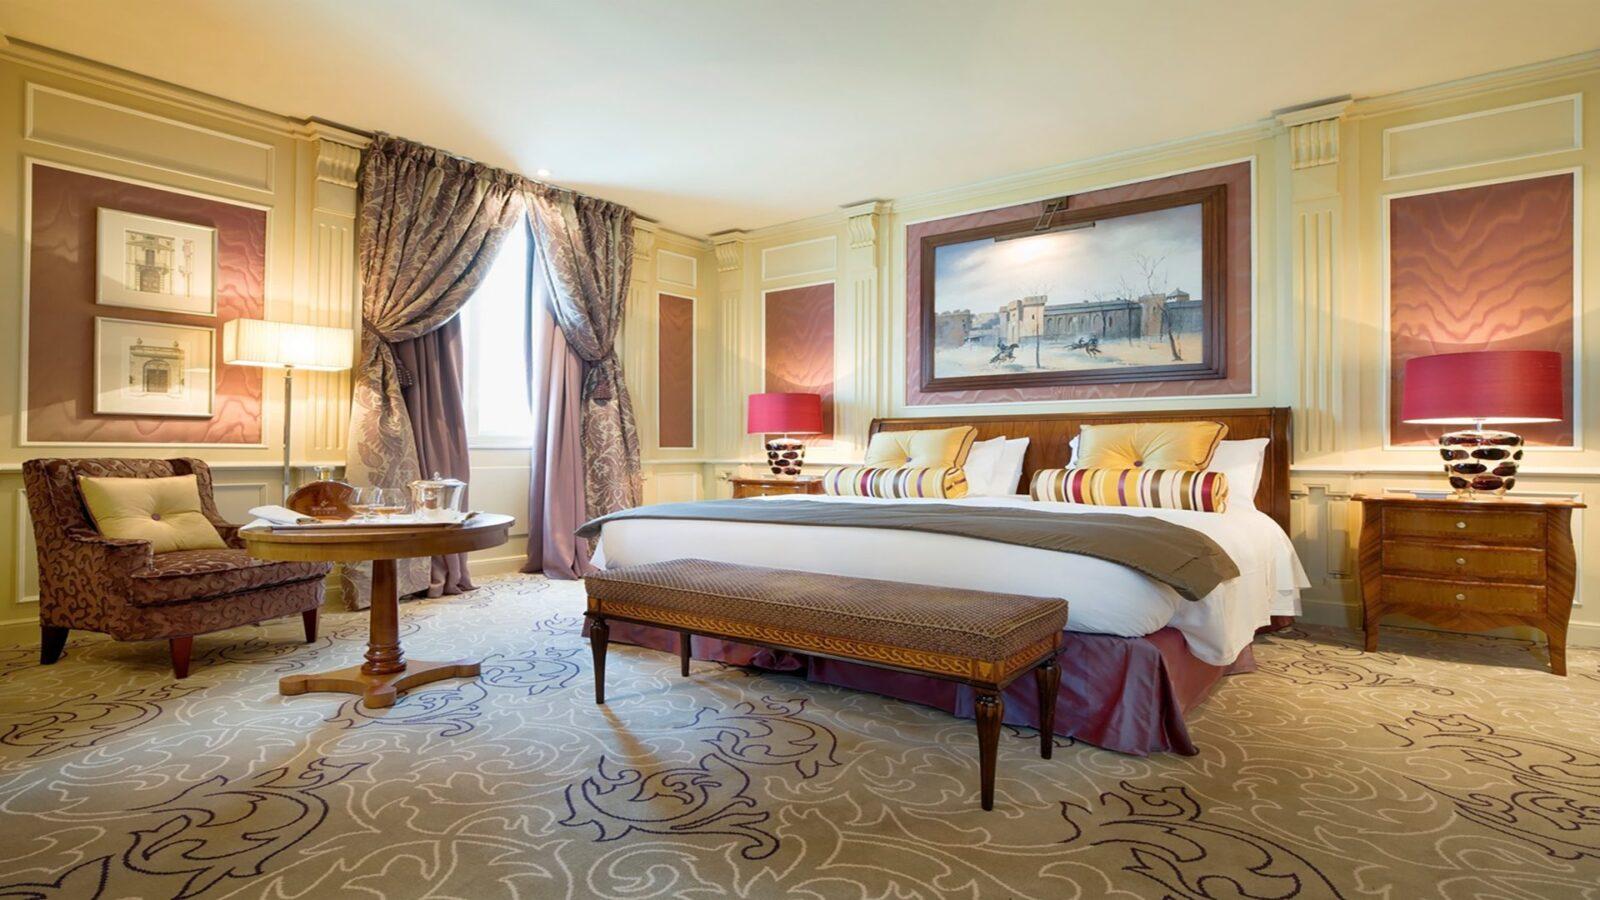 Deluxe Room at Hotel Principe di Savoia